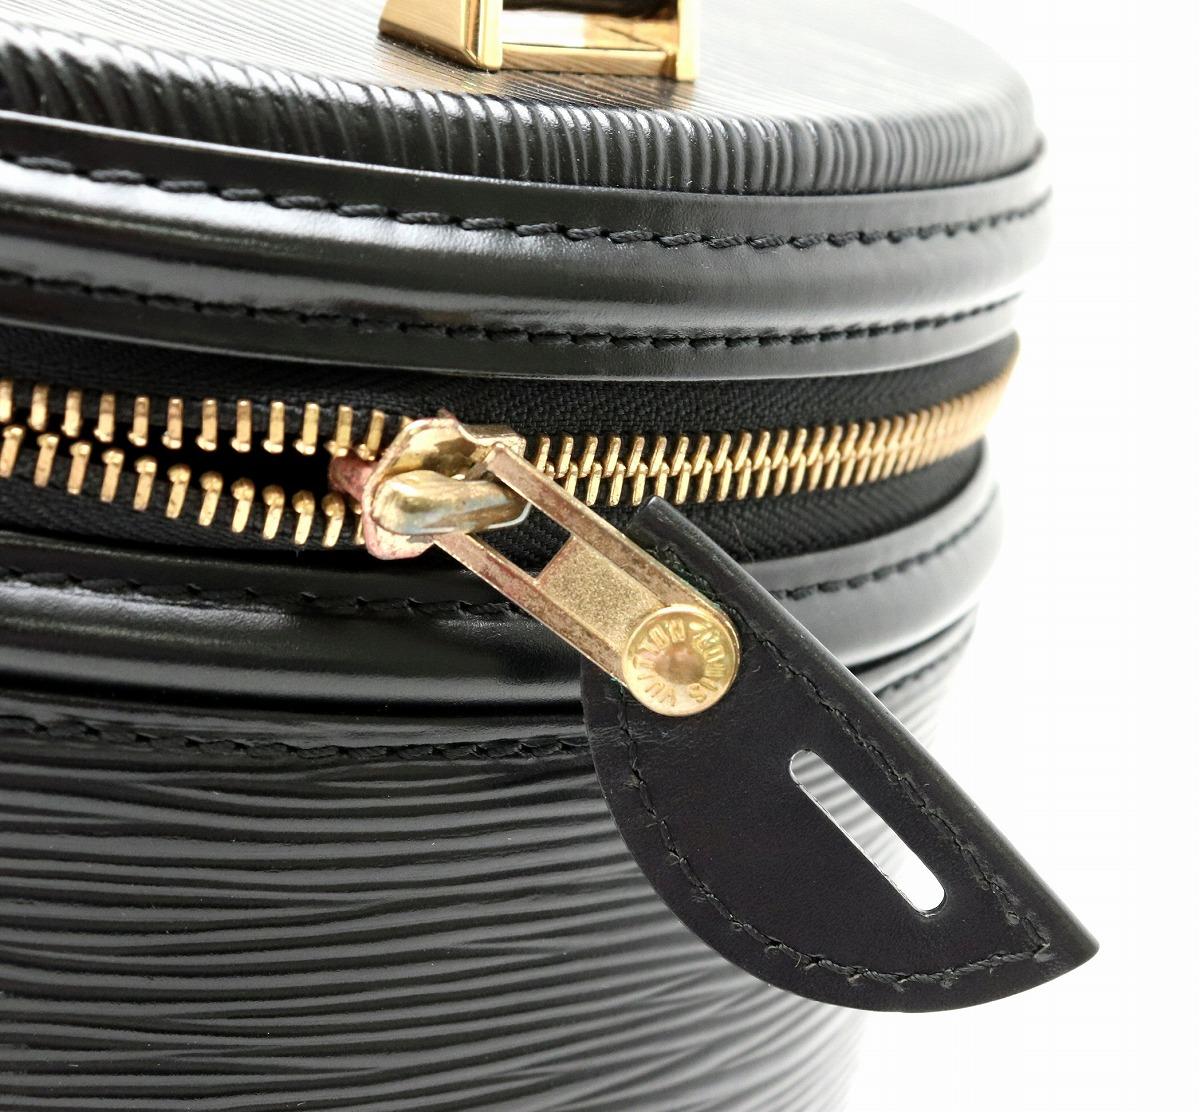 バッグ LOUIS VUITTON ルイ ヴィトン エピ カンヌ ハンドバッグ バニティバッグ バニティー レザー ノワール 黒 ブラック M48032s9H2YeDWEI